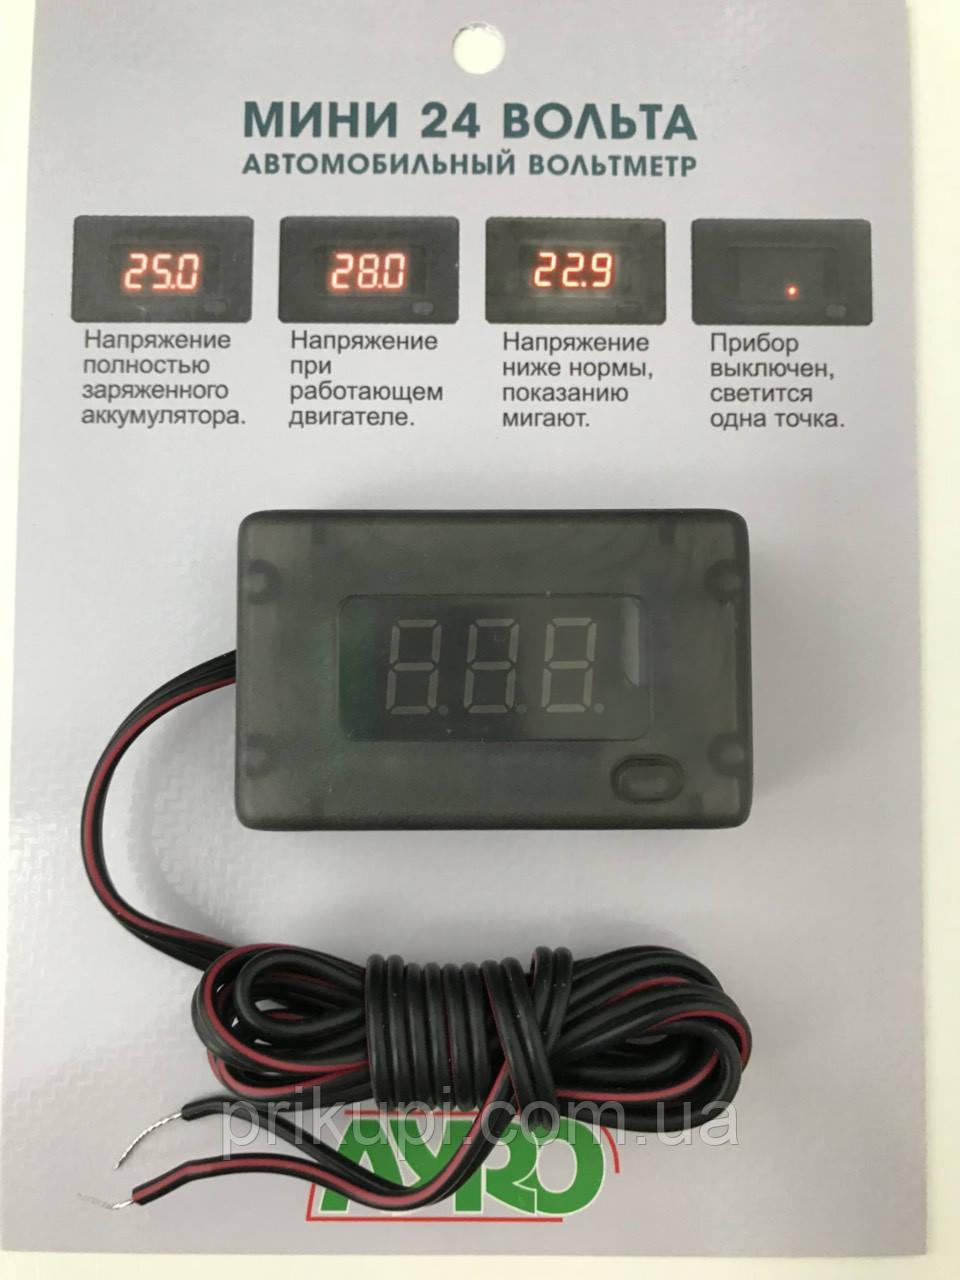 Цифровой вольтметр 24В два провода AYRO (3 знака) вкл/выкл (мал)